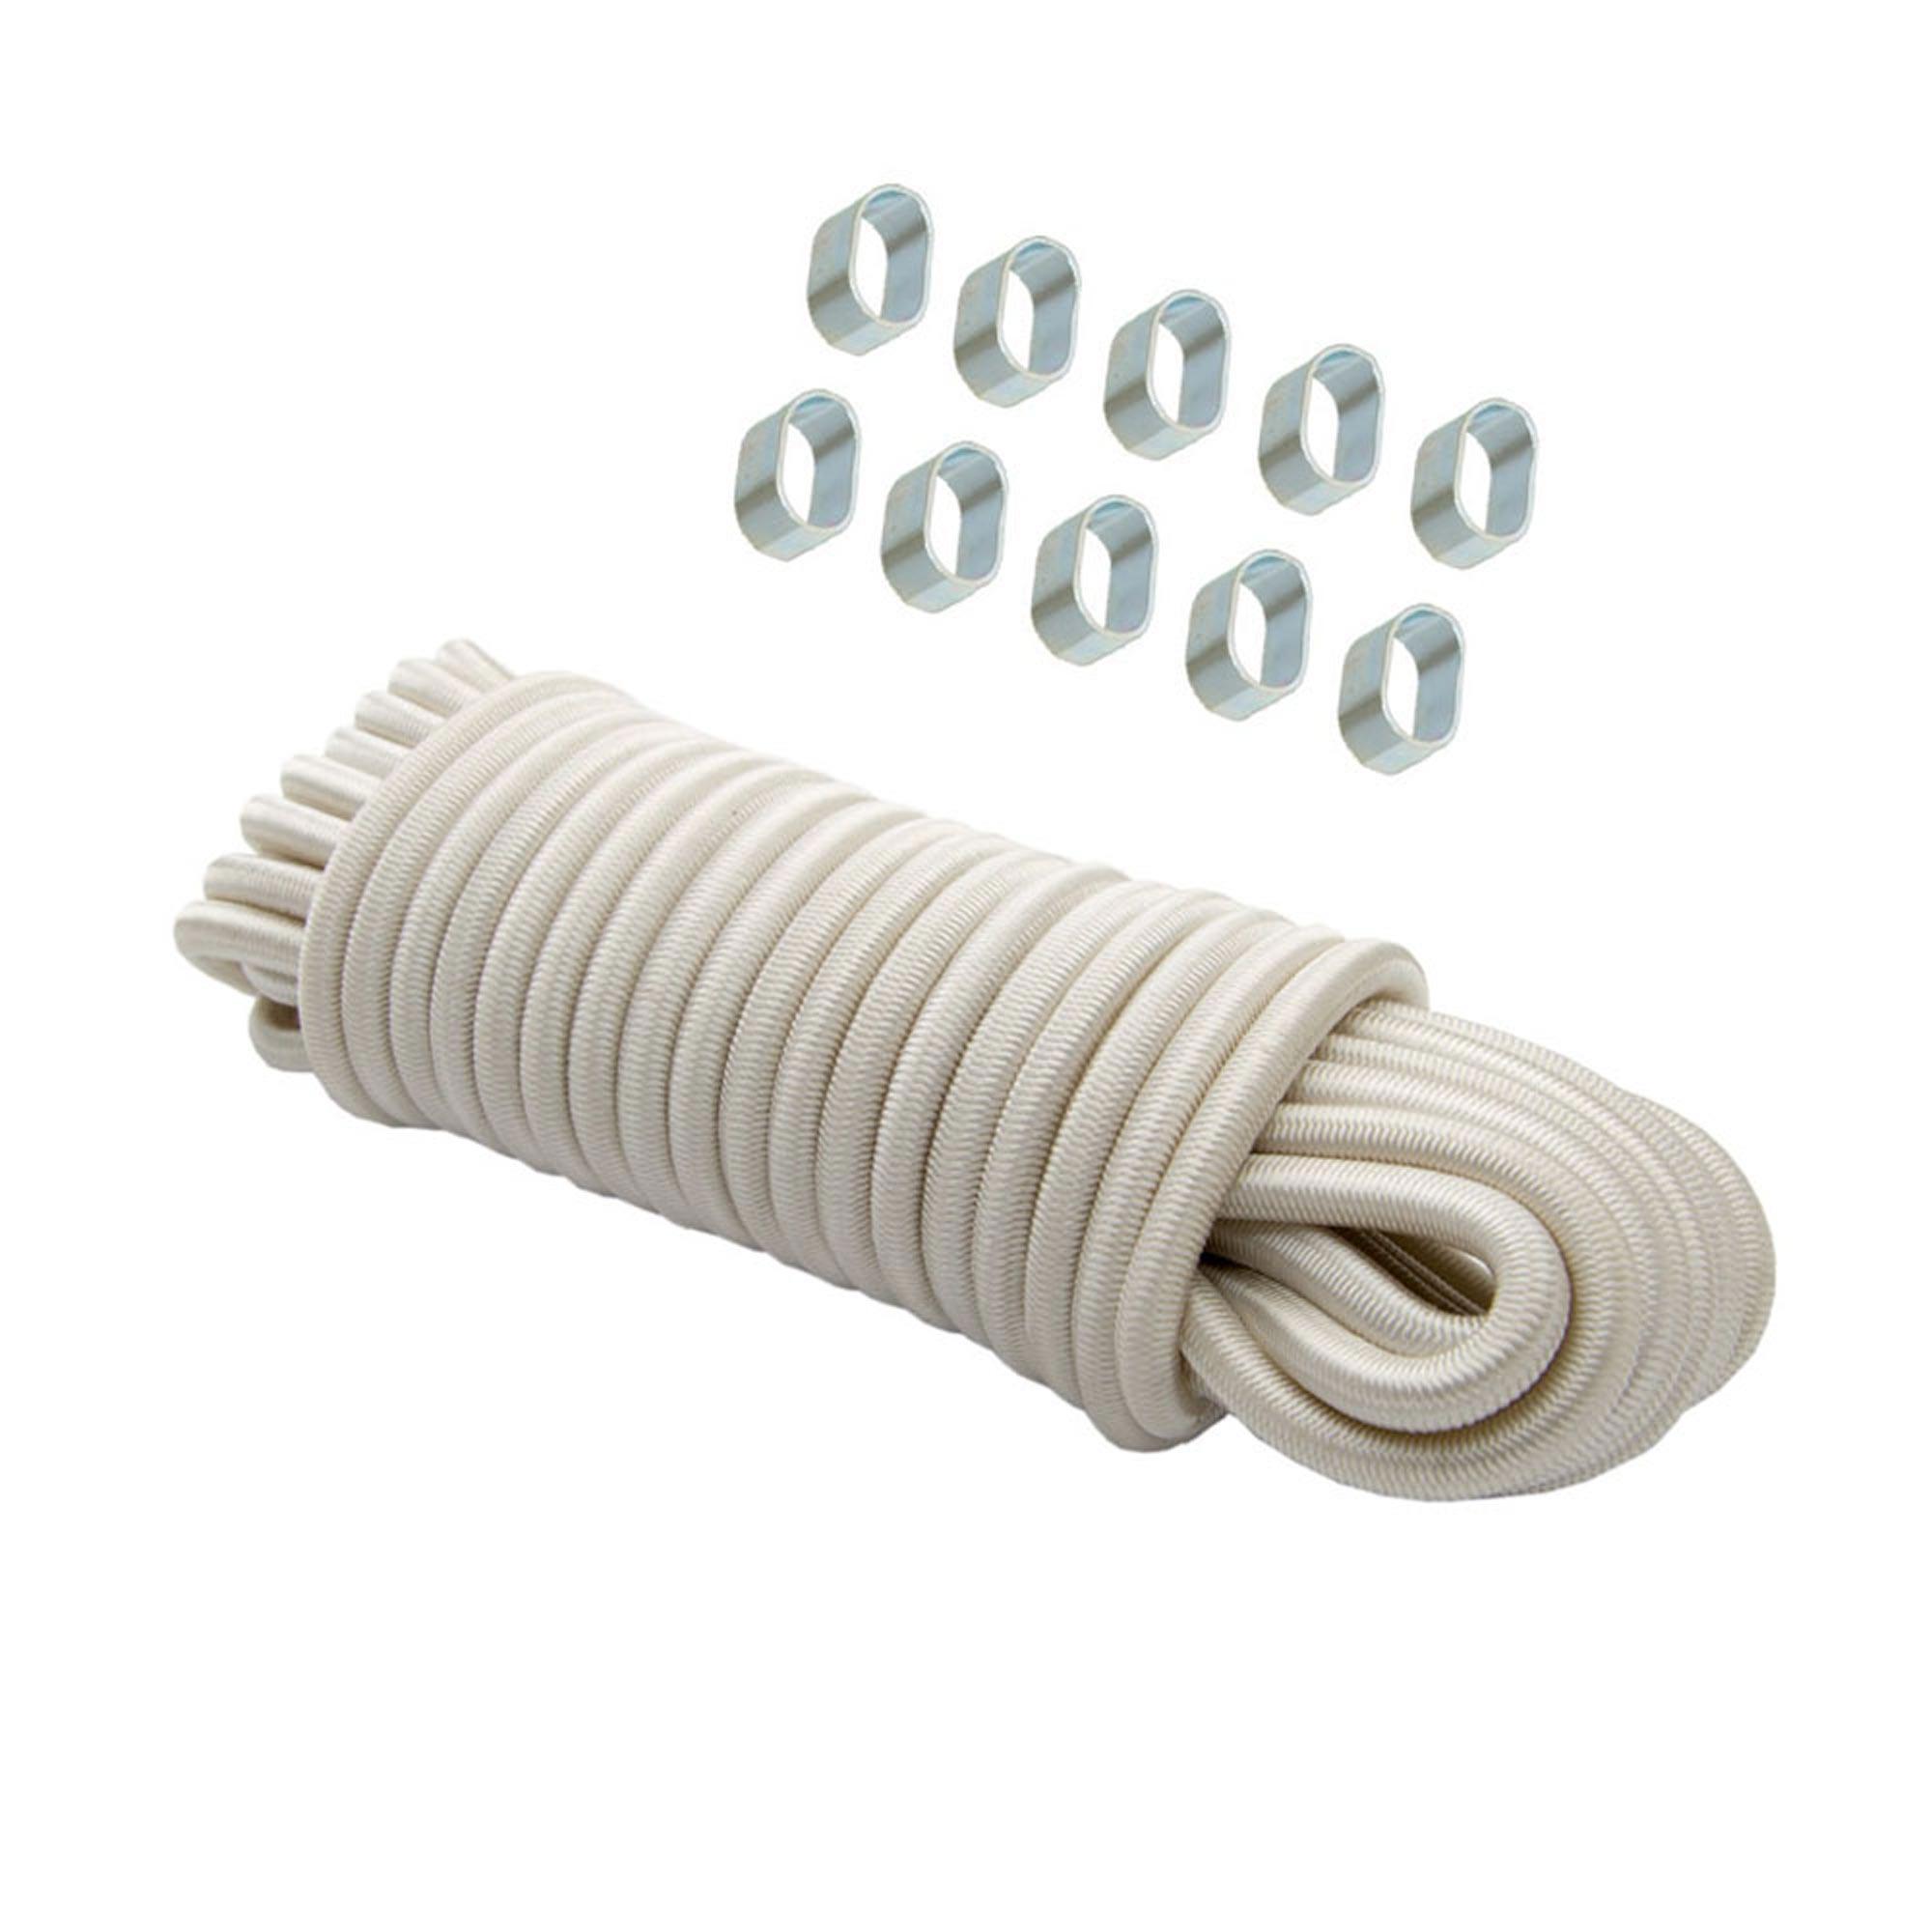 Expanderseil 20 m Weiß 8 mm Gummiseil Gummischnur Spannseil Planenseil + 10x Würgeklemmen 8 mm verzinkt